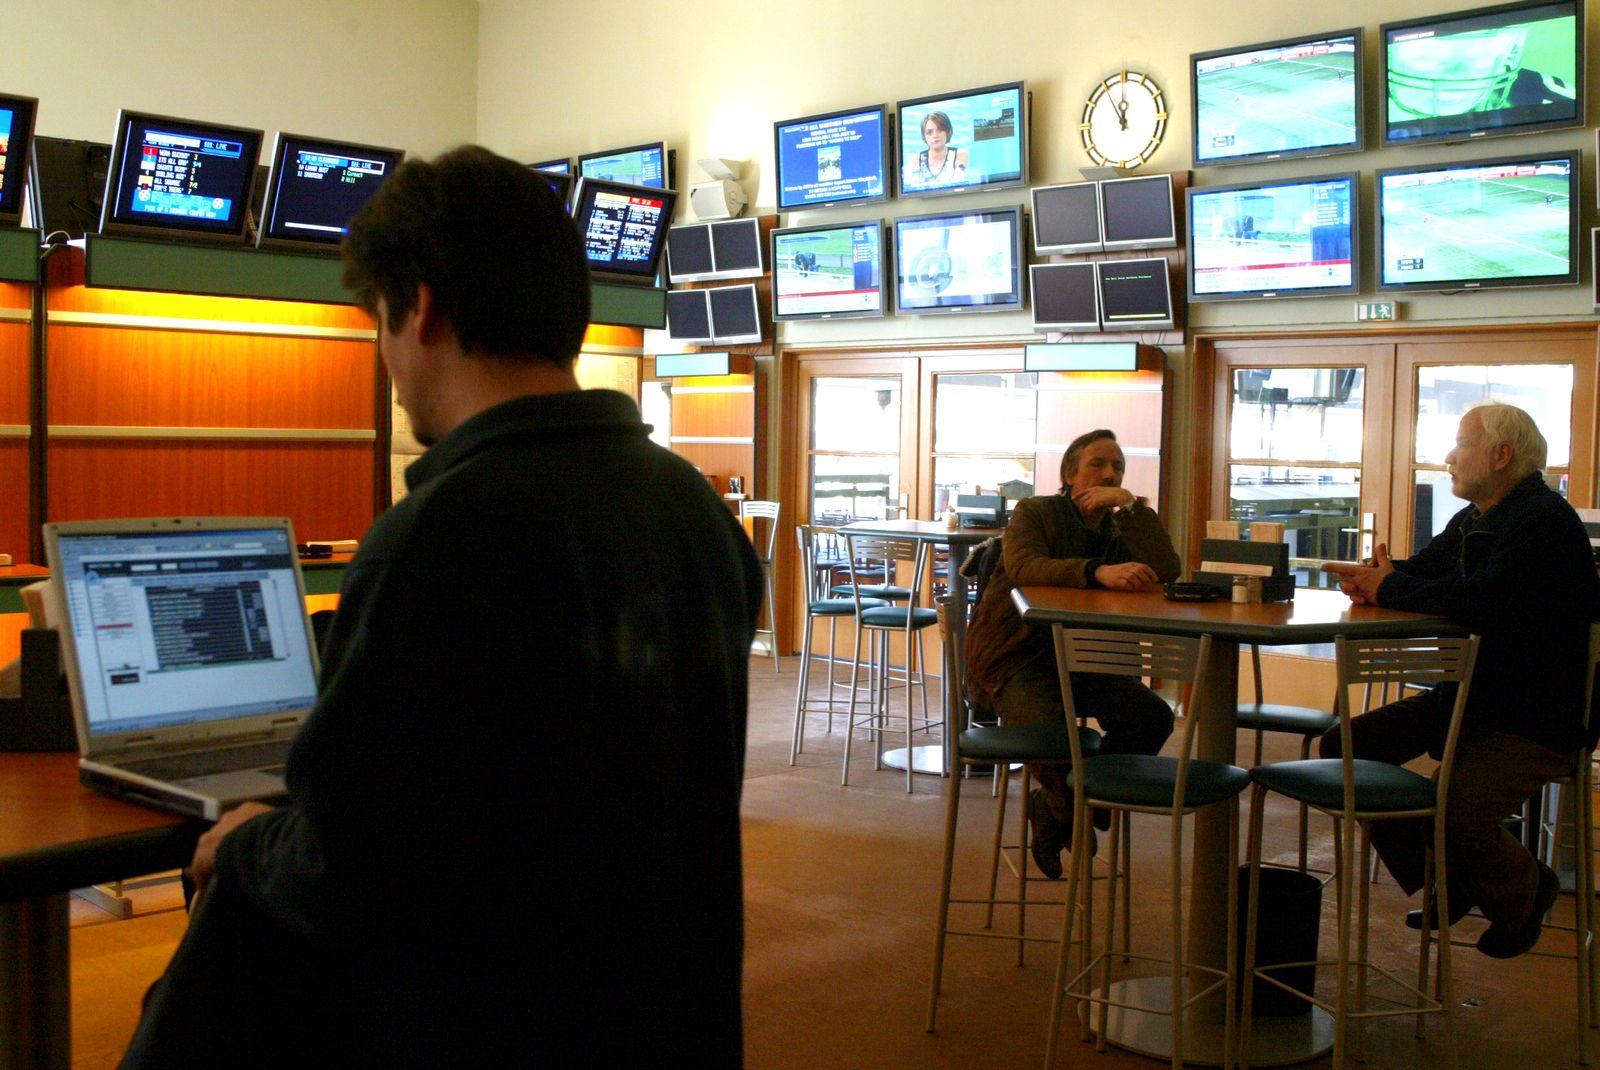 NICHT VERWENDEN Wettbüro / Sportwetten / Glückspiel